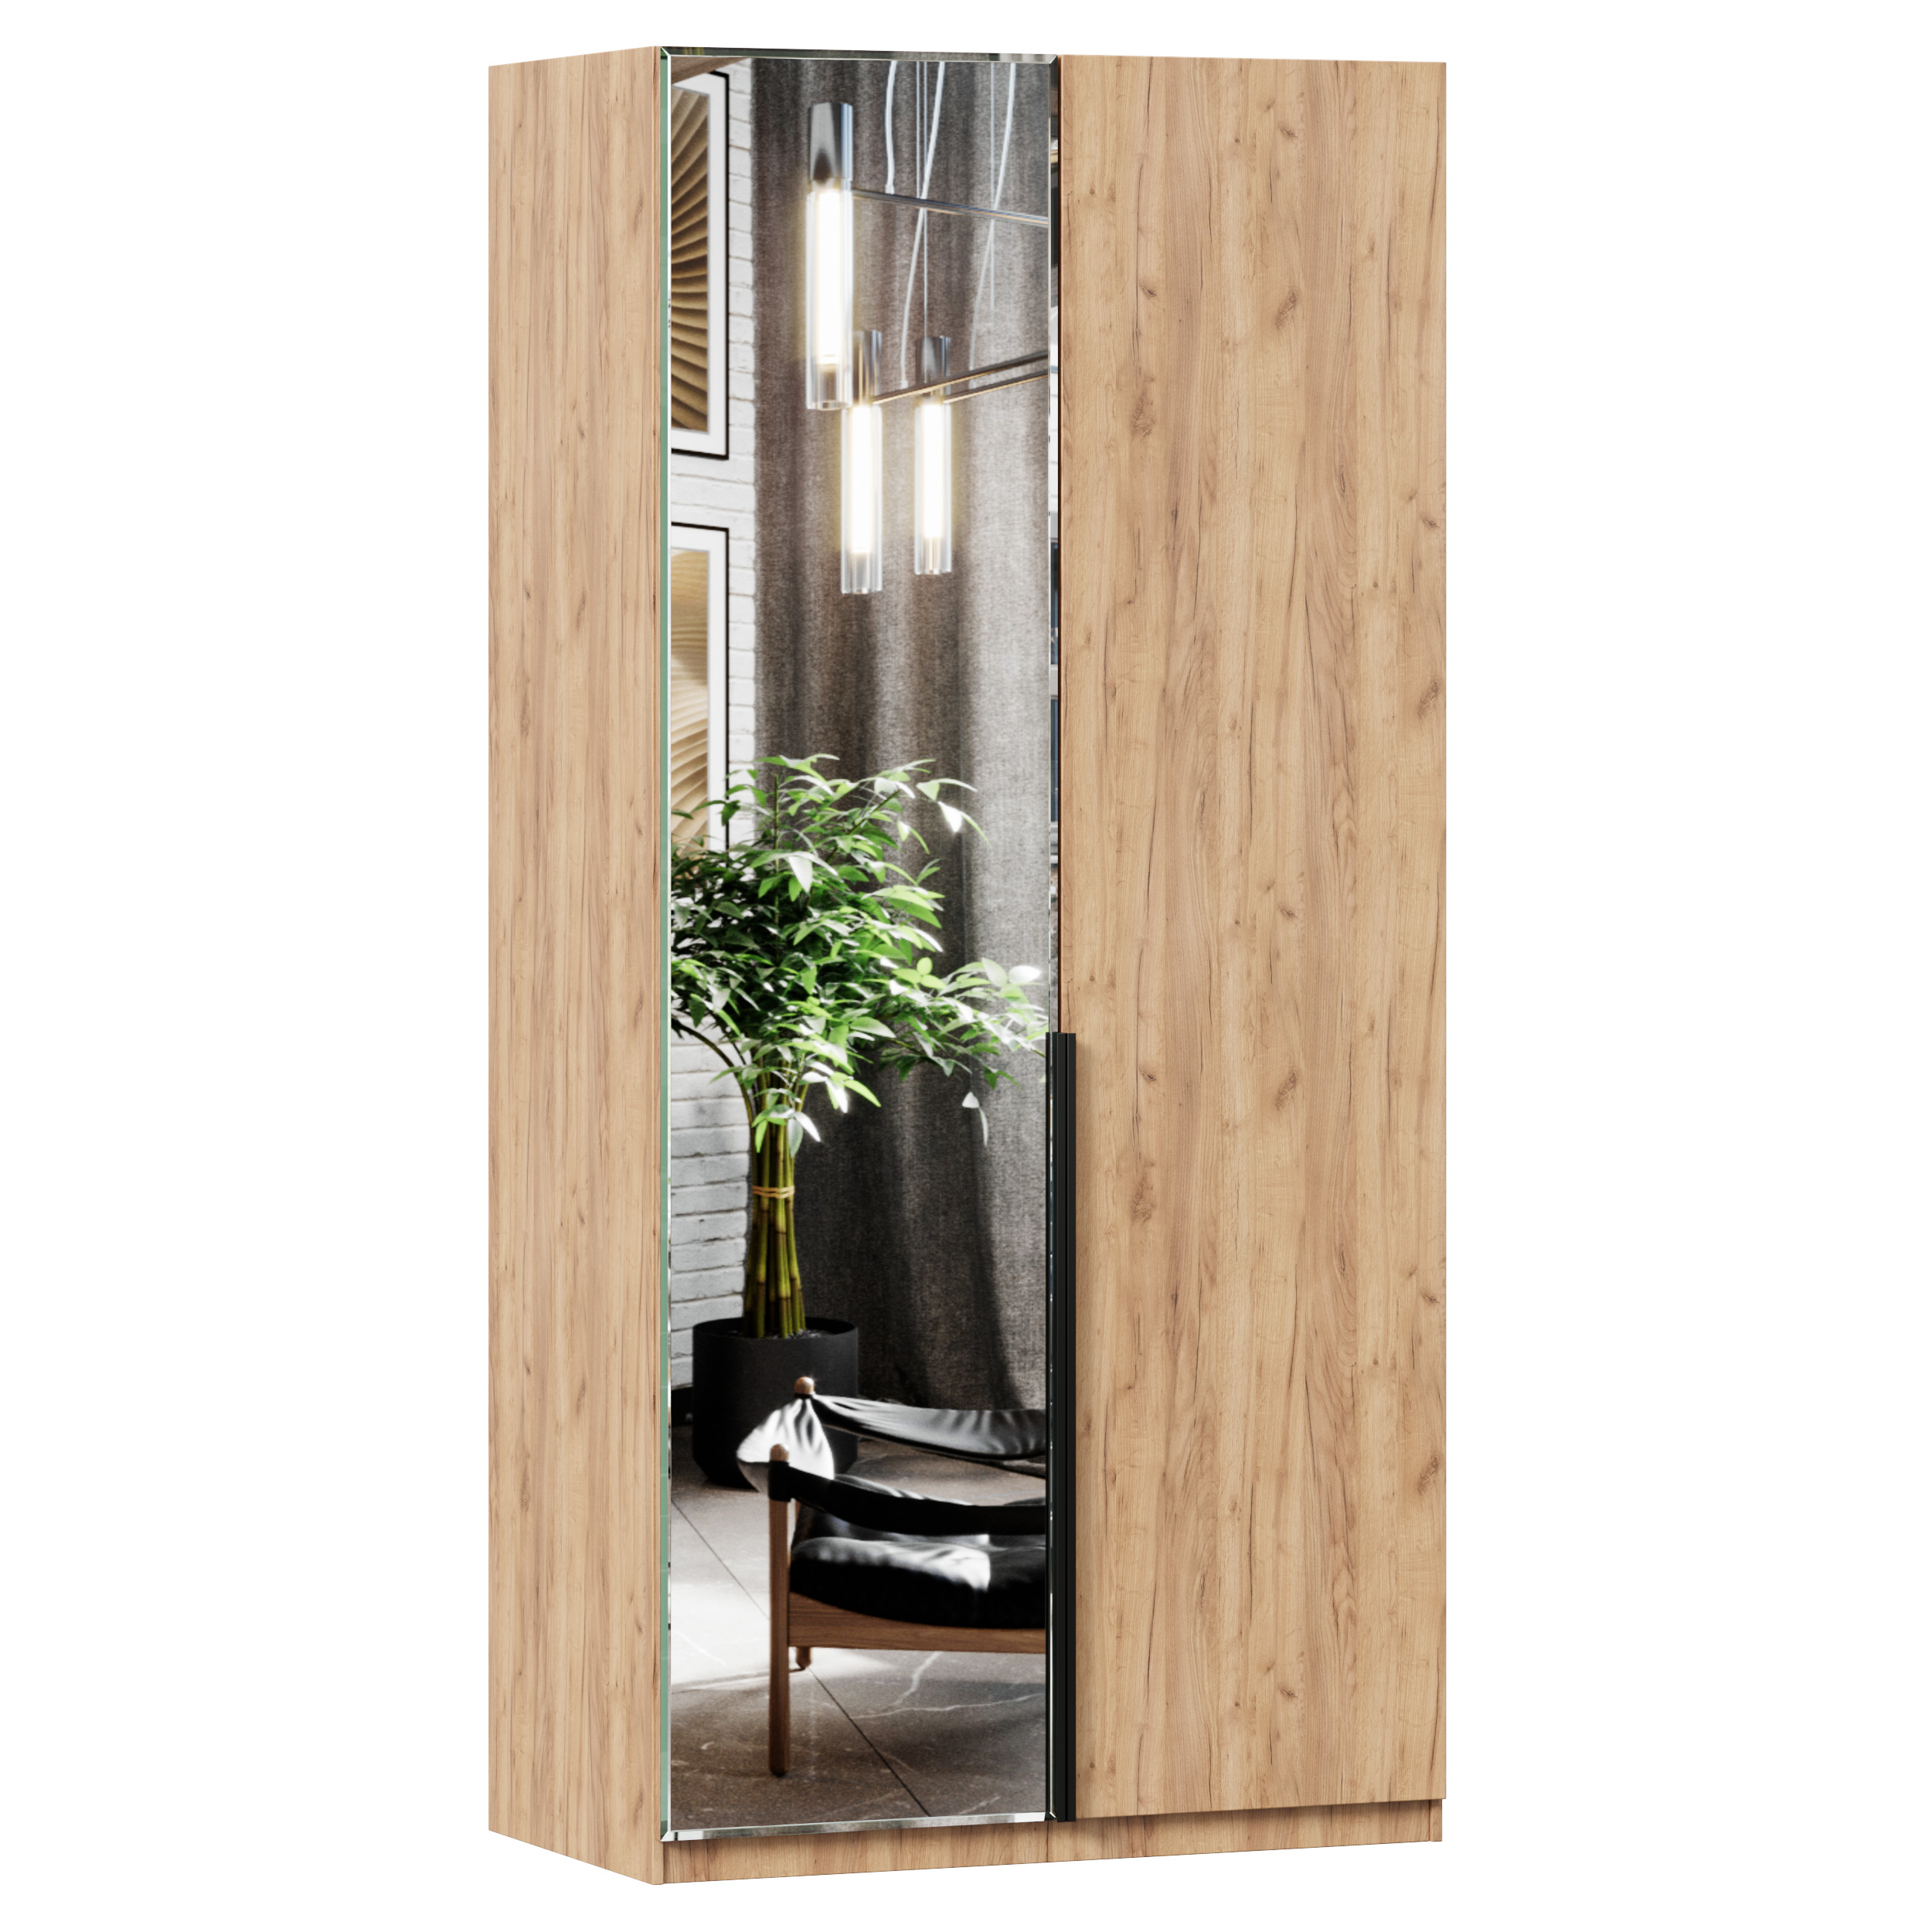 Lubidom Kleiderschrank Nord mit einseitiger Spiegeltür in Eiche